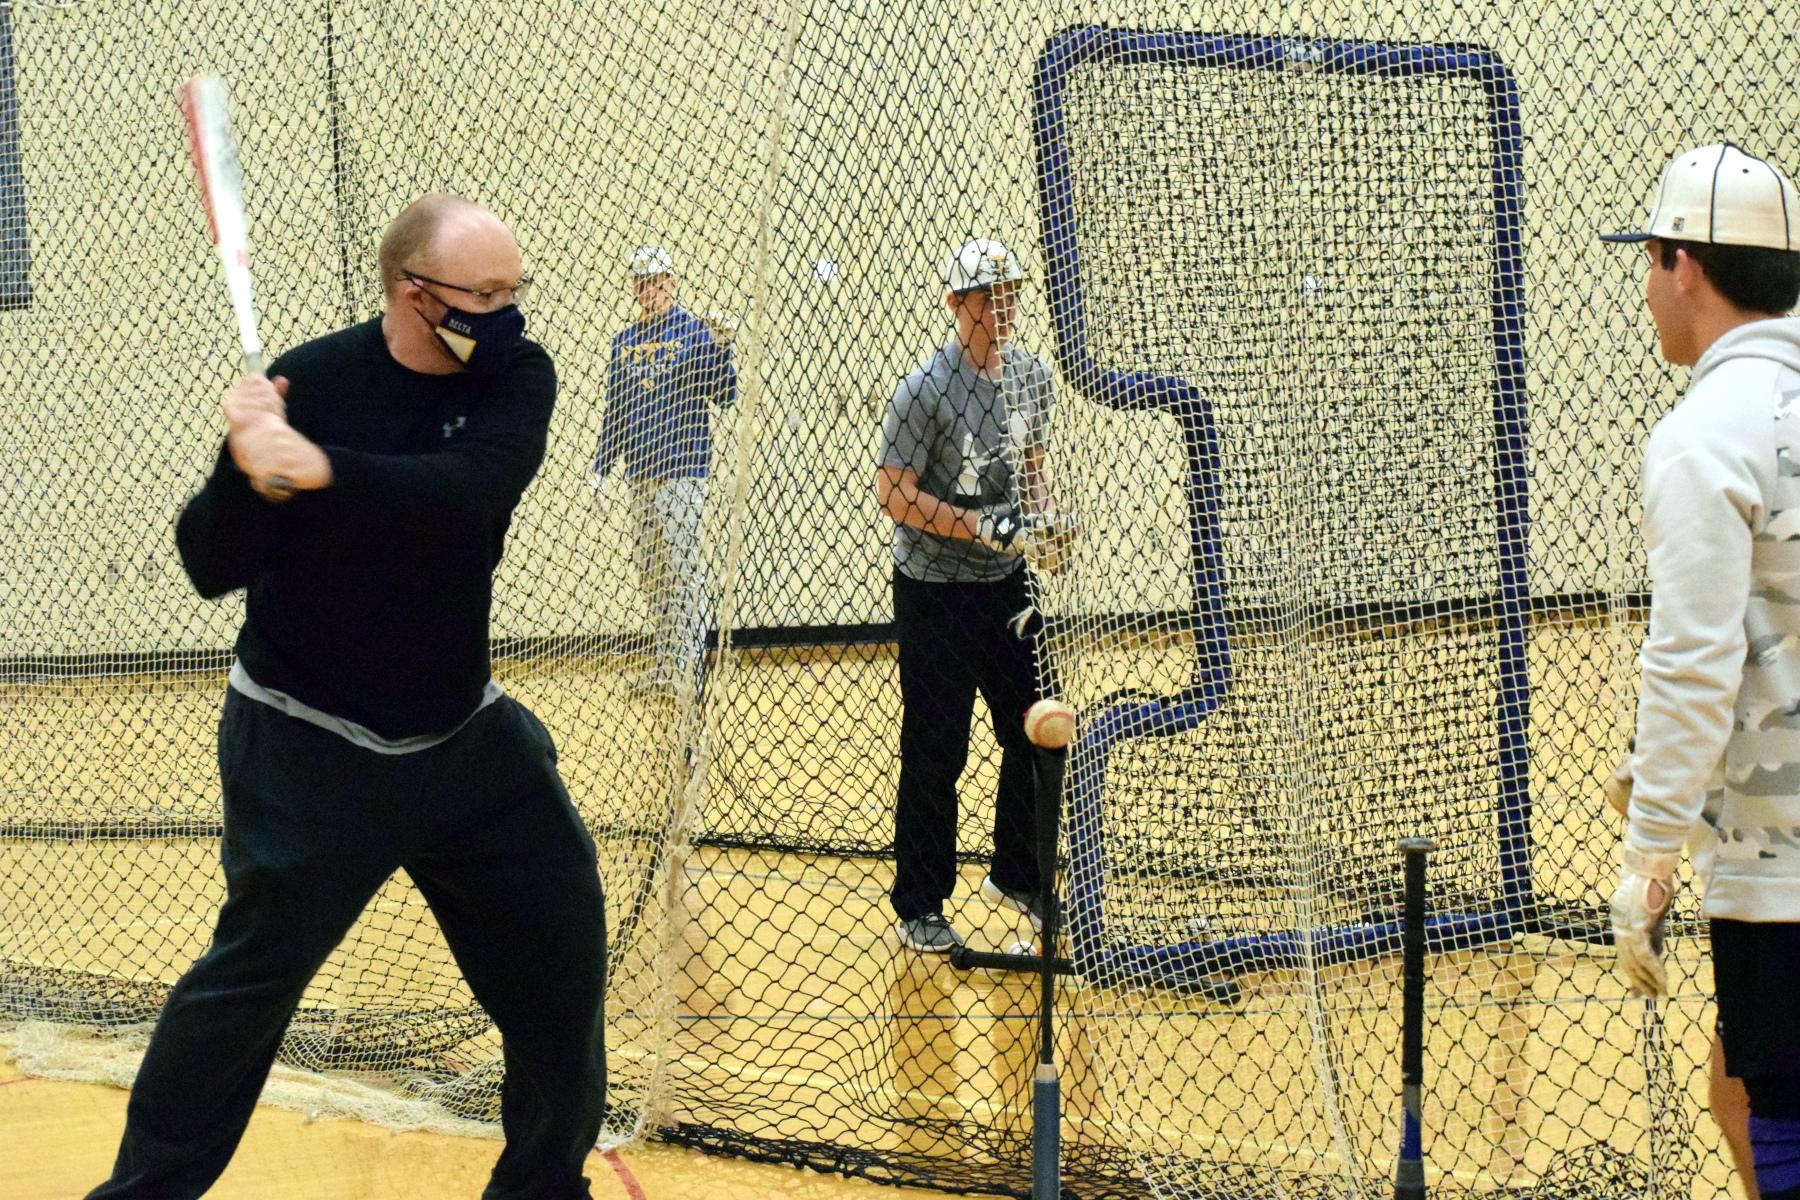 Coach swings bat